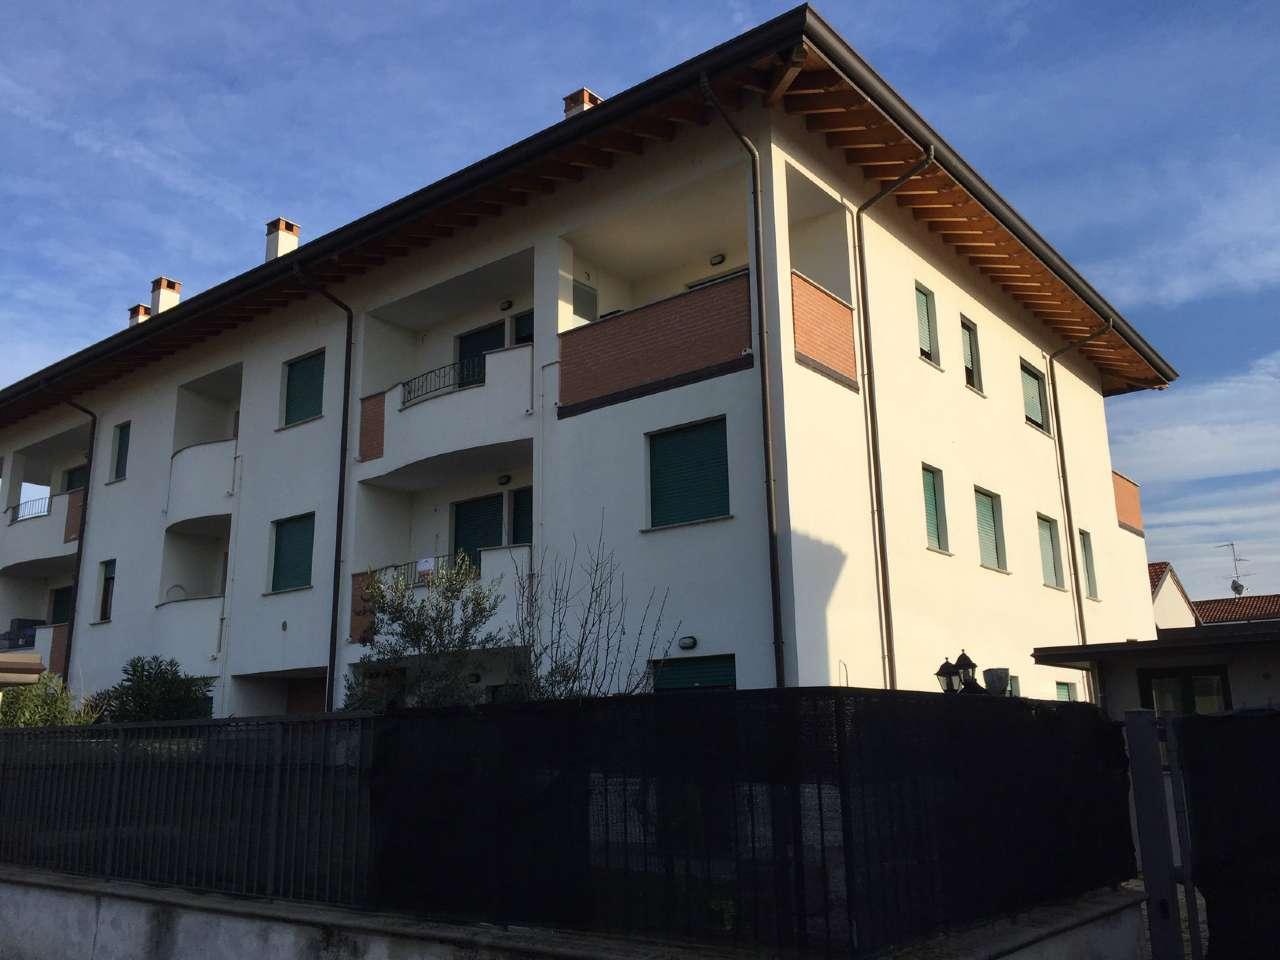 Appartamento in vendita a Busto Garolfo, 3 locali, prezzo € 135.000 | CambioCasa.it